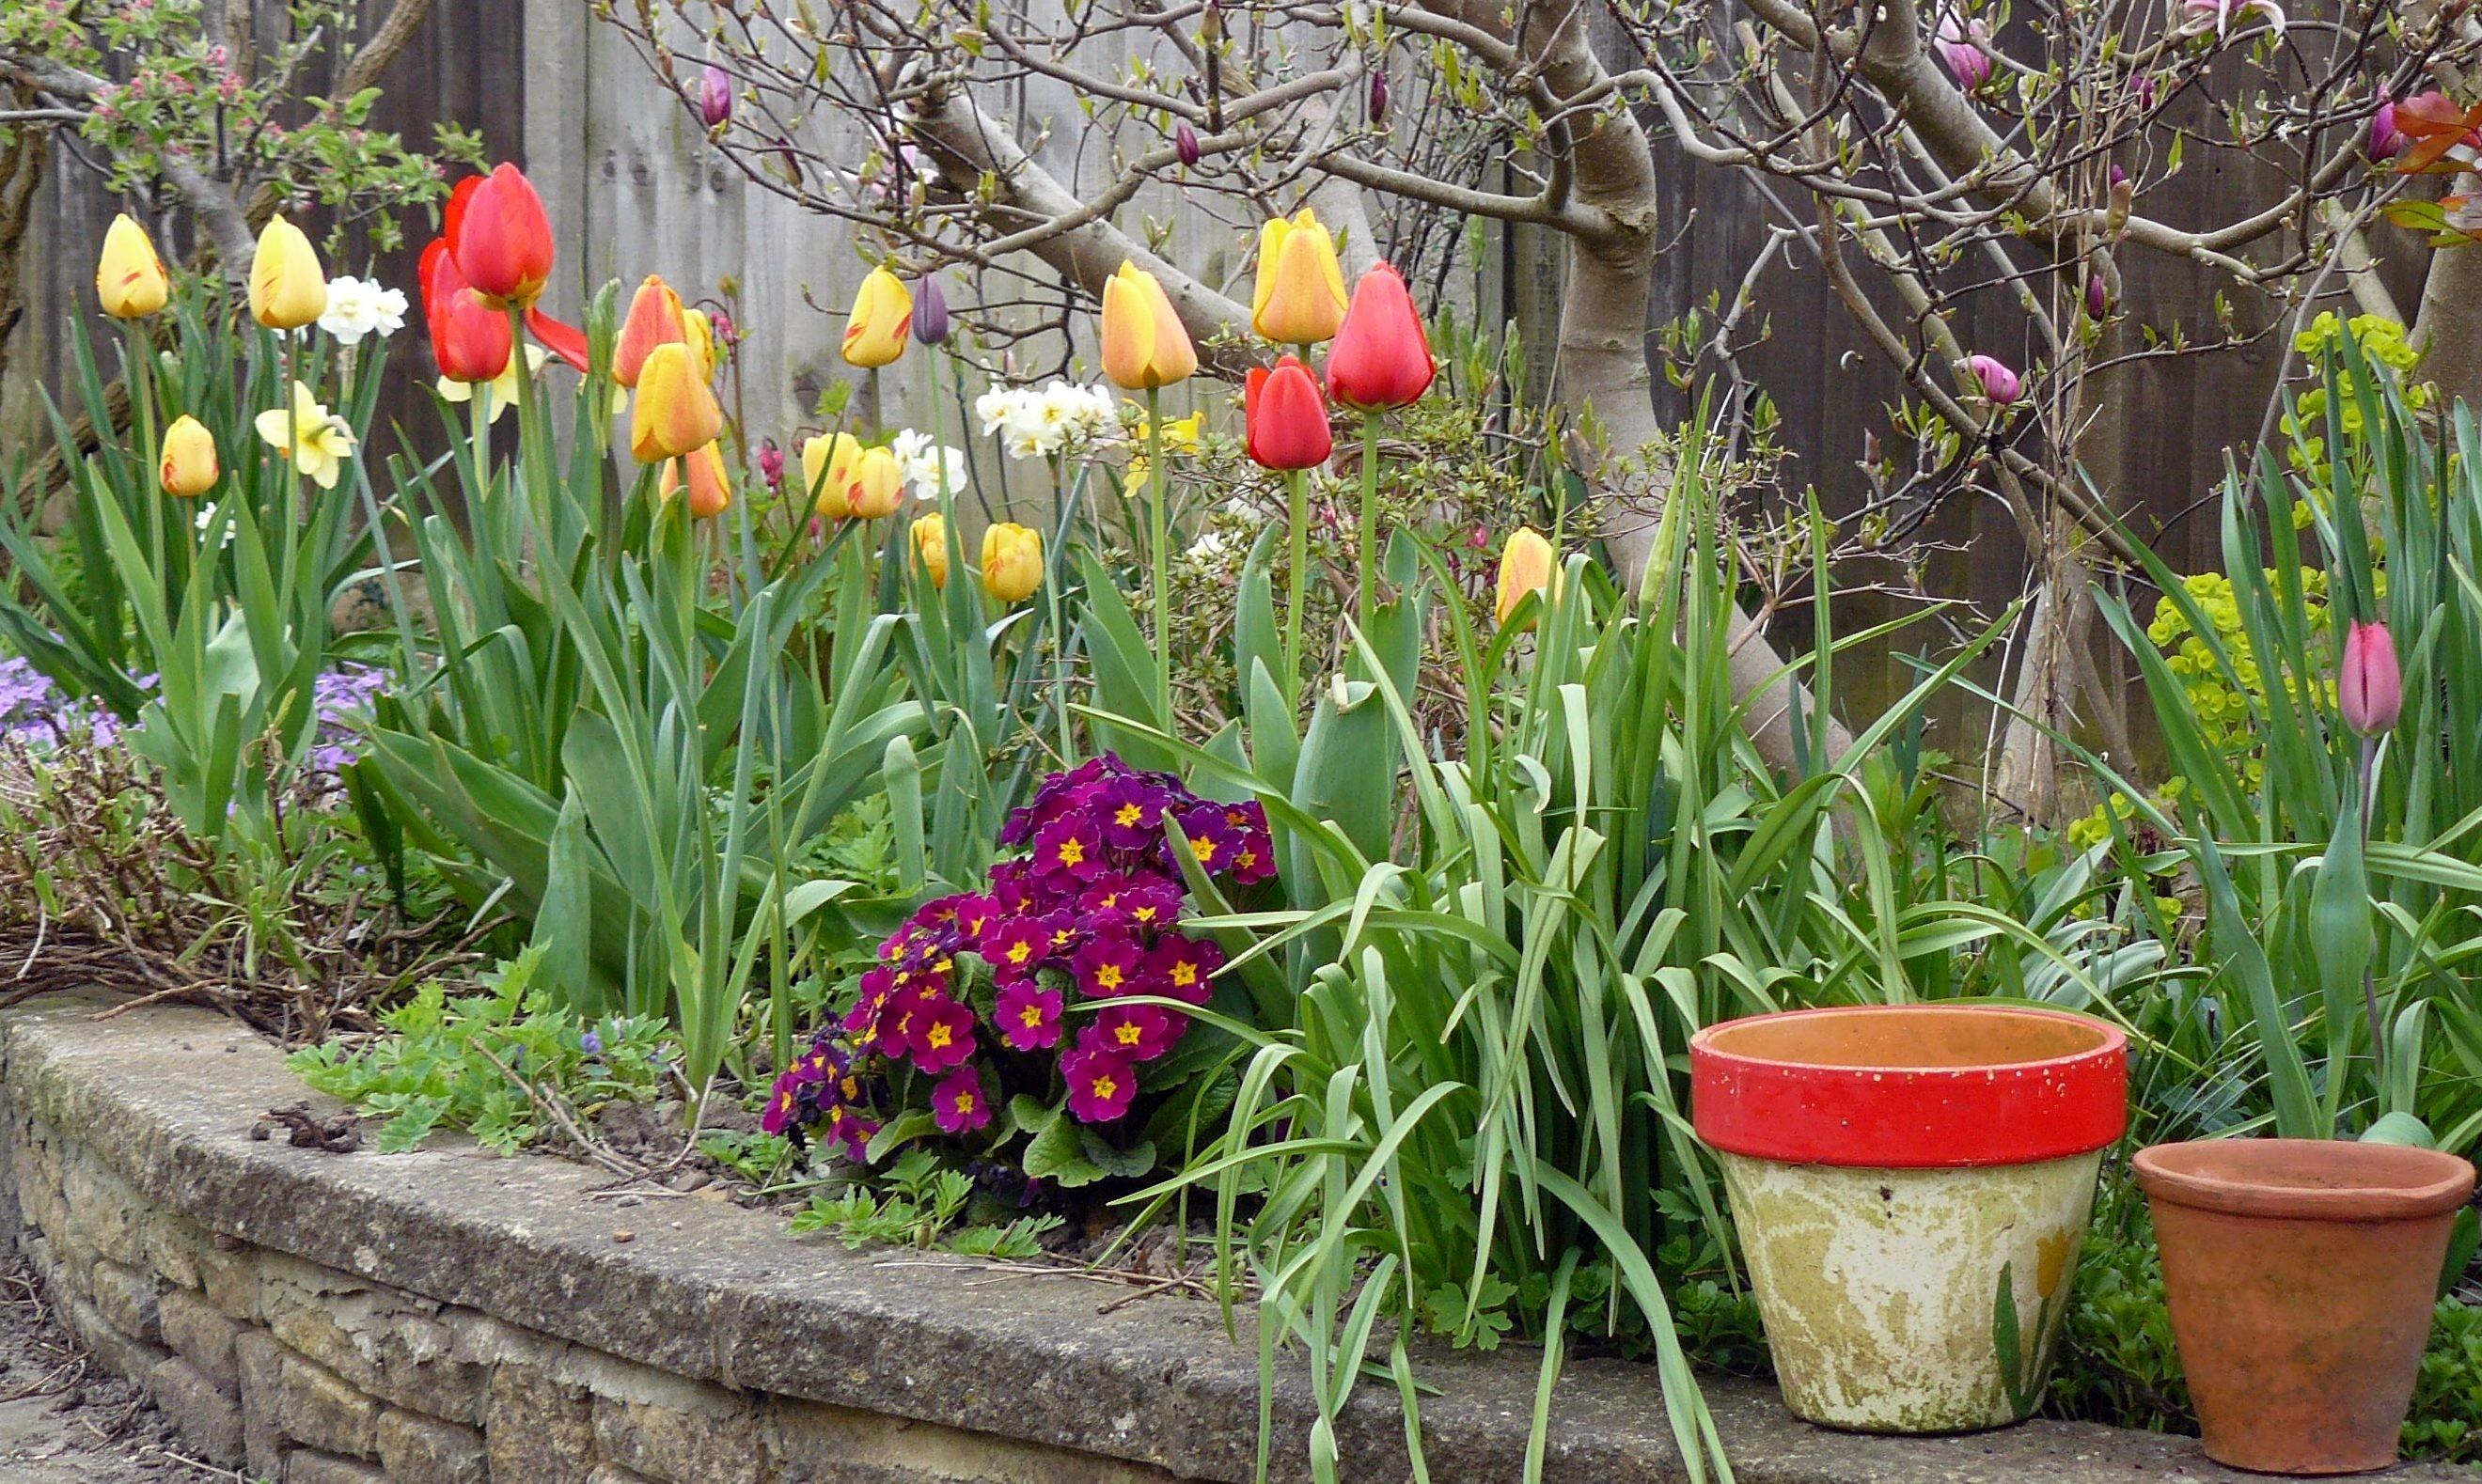 Plante Haute En Pot images gratuites : tulipes, plante à fleurs, tulipe